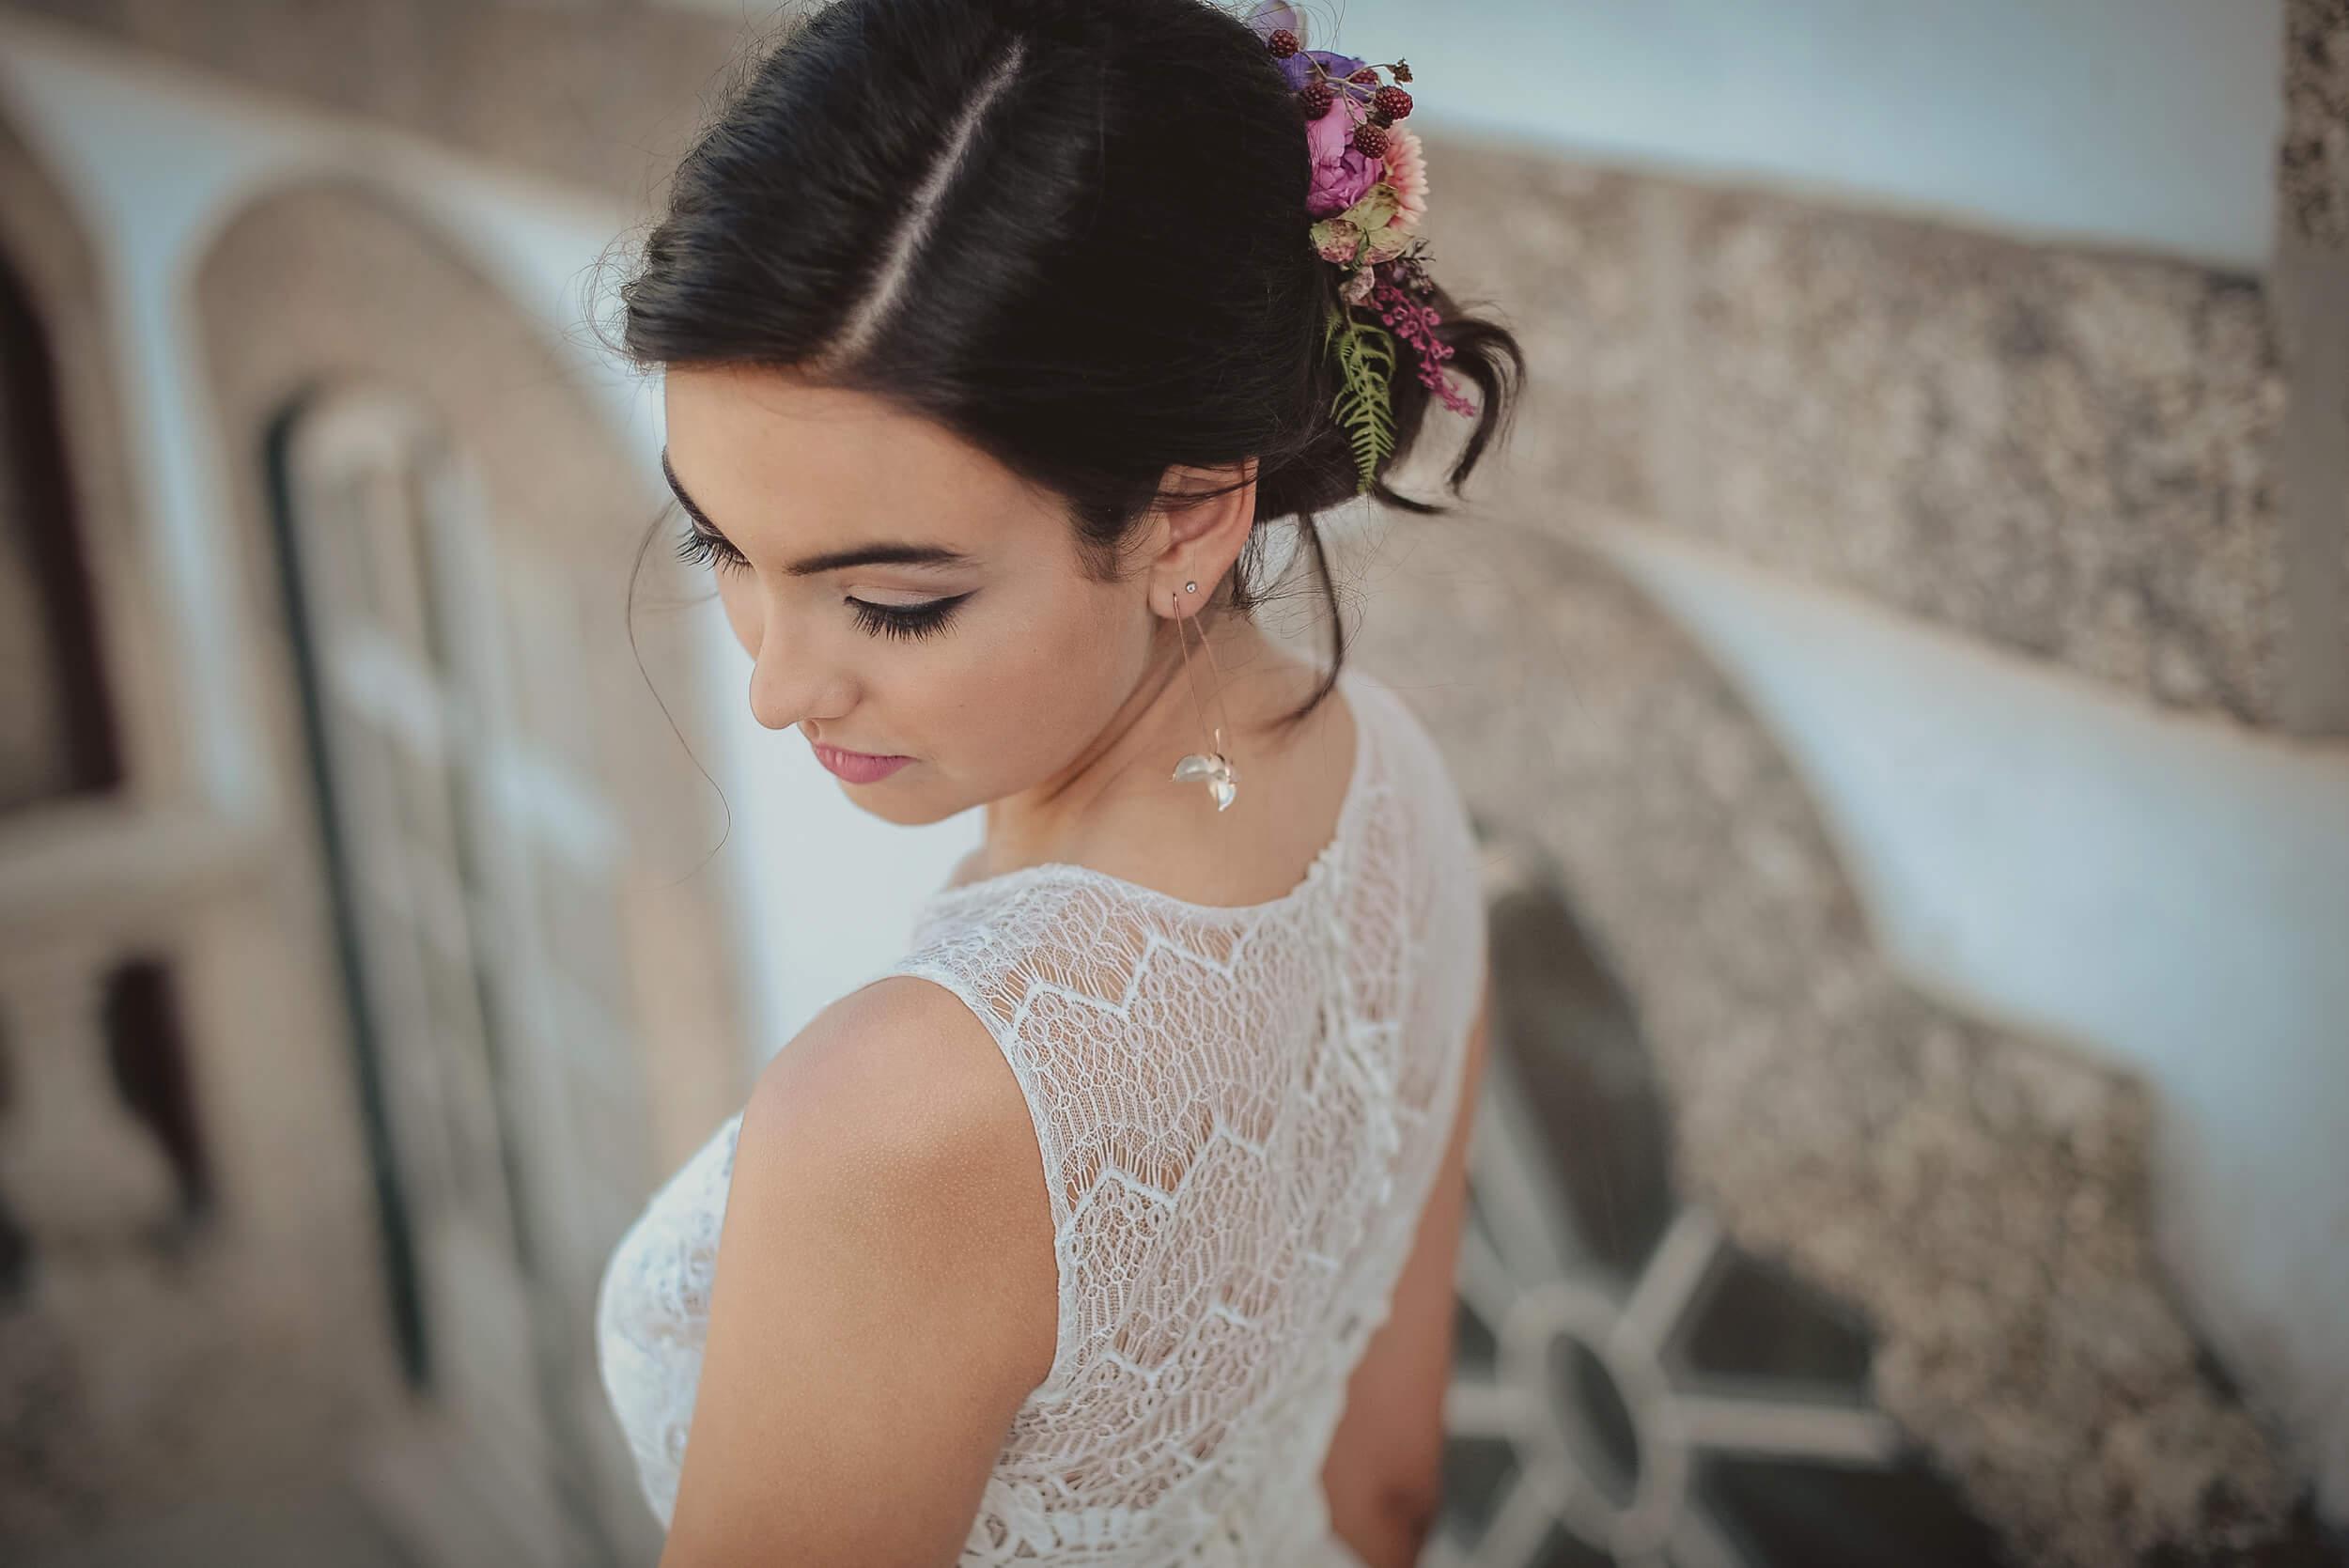 roma-organizacao-eventos-editorial-casamento-colorful-wedding-18